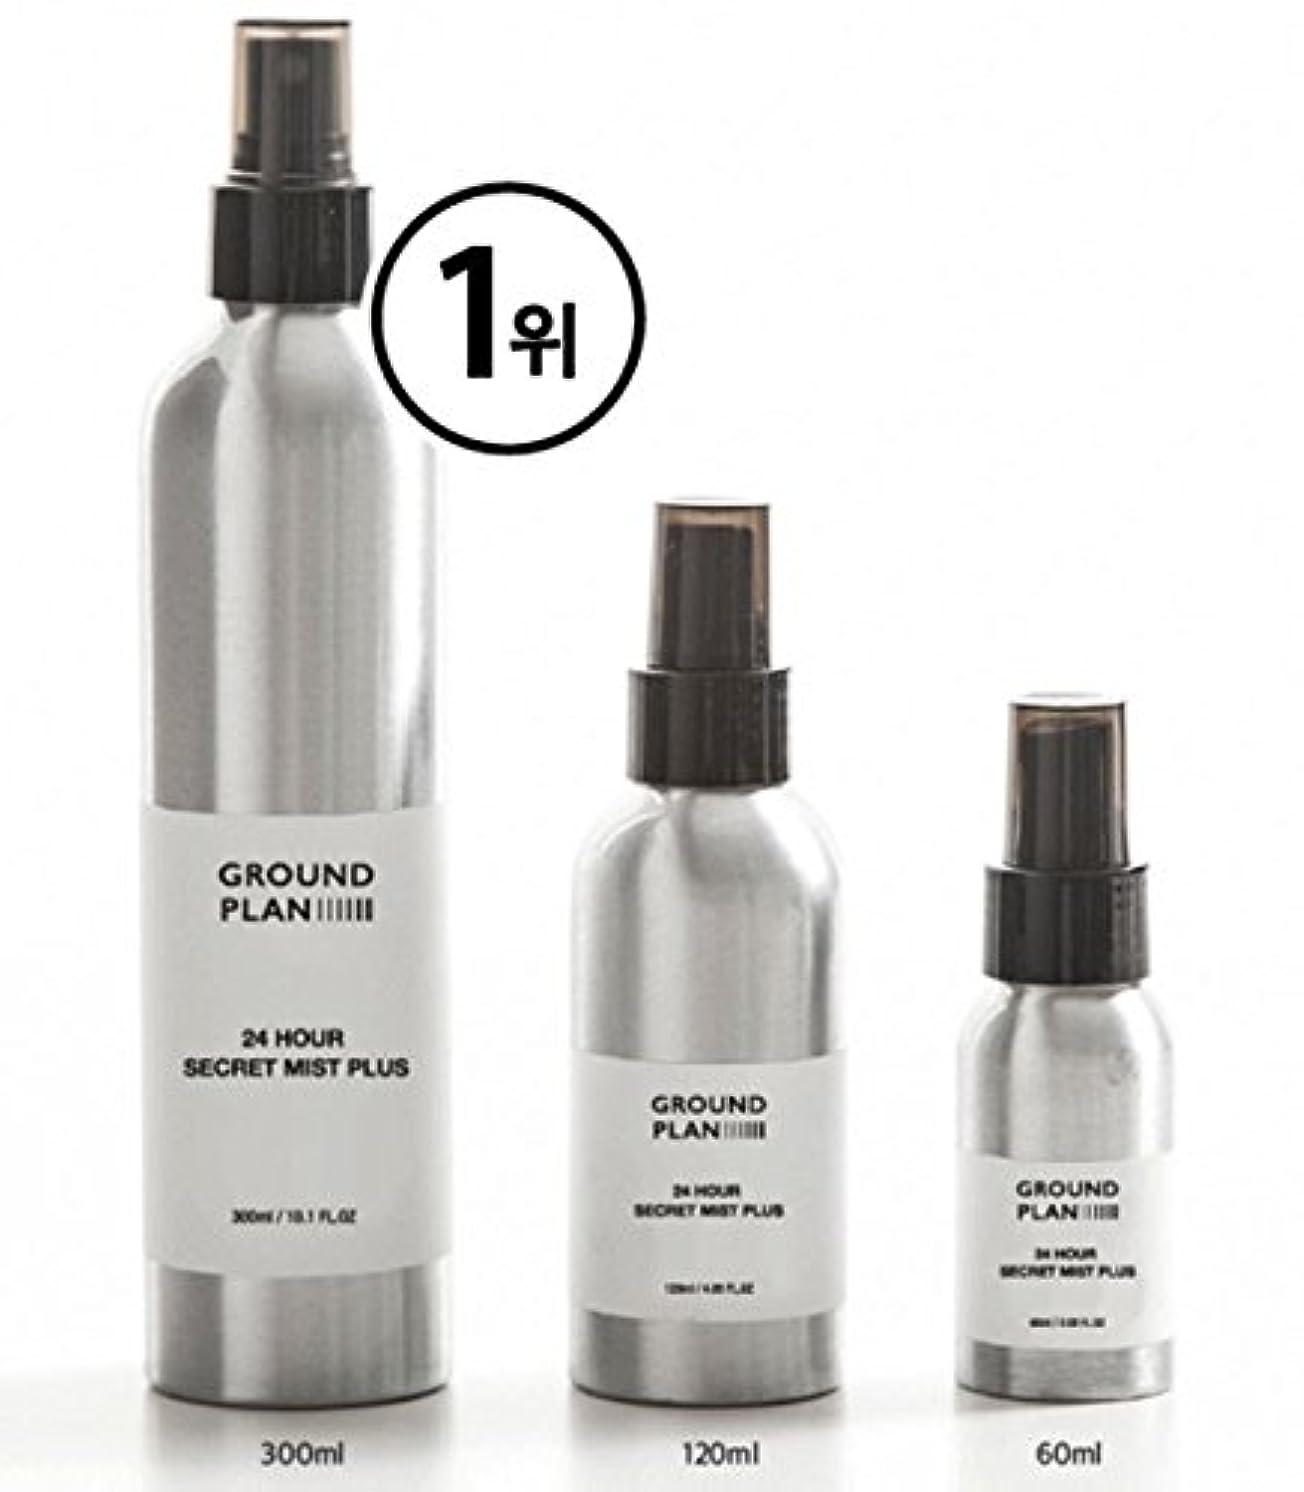 あまりにもフライト中で[グラウンド?プラン] 24Hour 秘密 スキンミスト Plus (120ml) (300ml) Ground plan 24 Hour Secret Skin Mist Plus [海外直送品] (120ml)